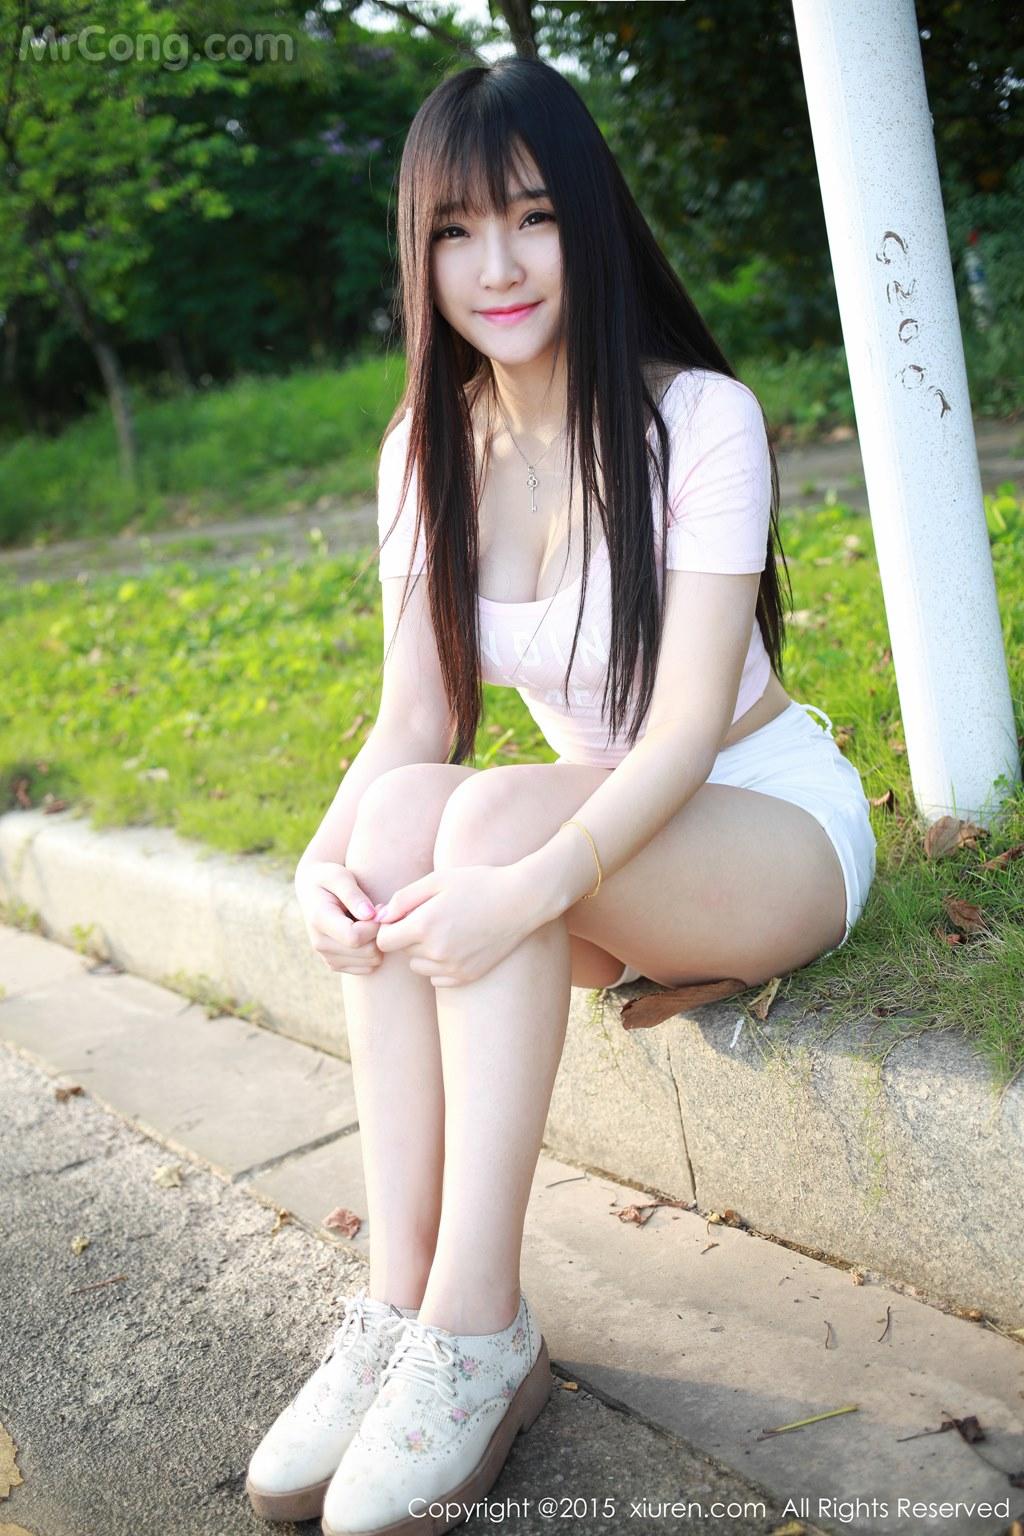 MrCong.com XIUREN No.345 Xia Yao baby 022 - XIUREN No.345: Model Xia Yao baby (夏 瑶 baby) (43 pictures)